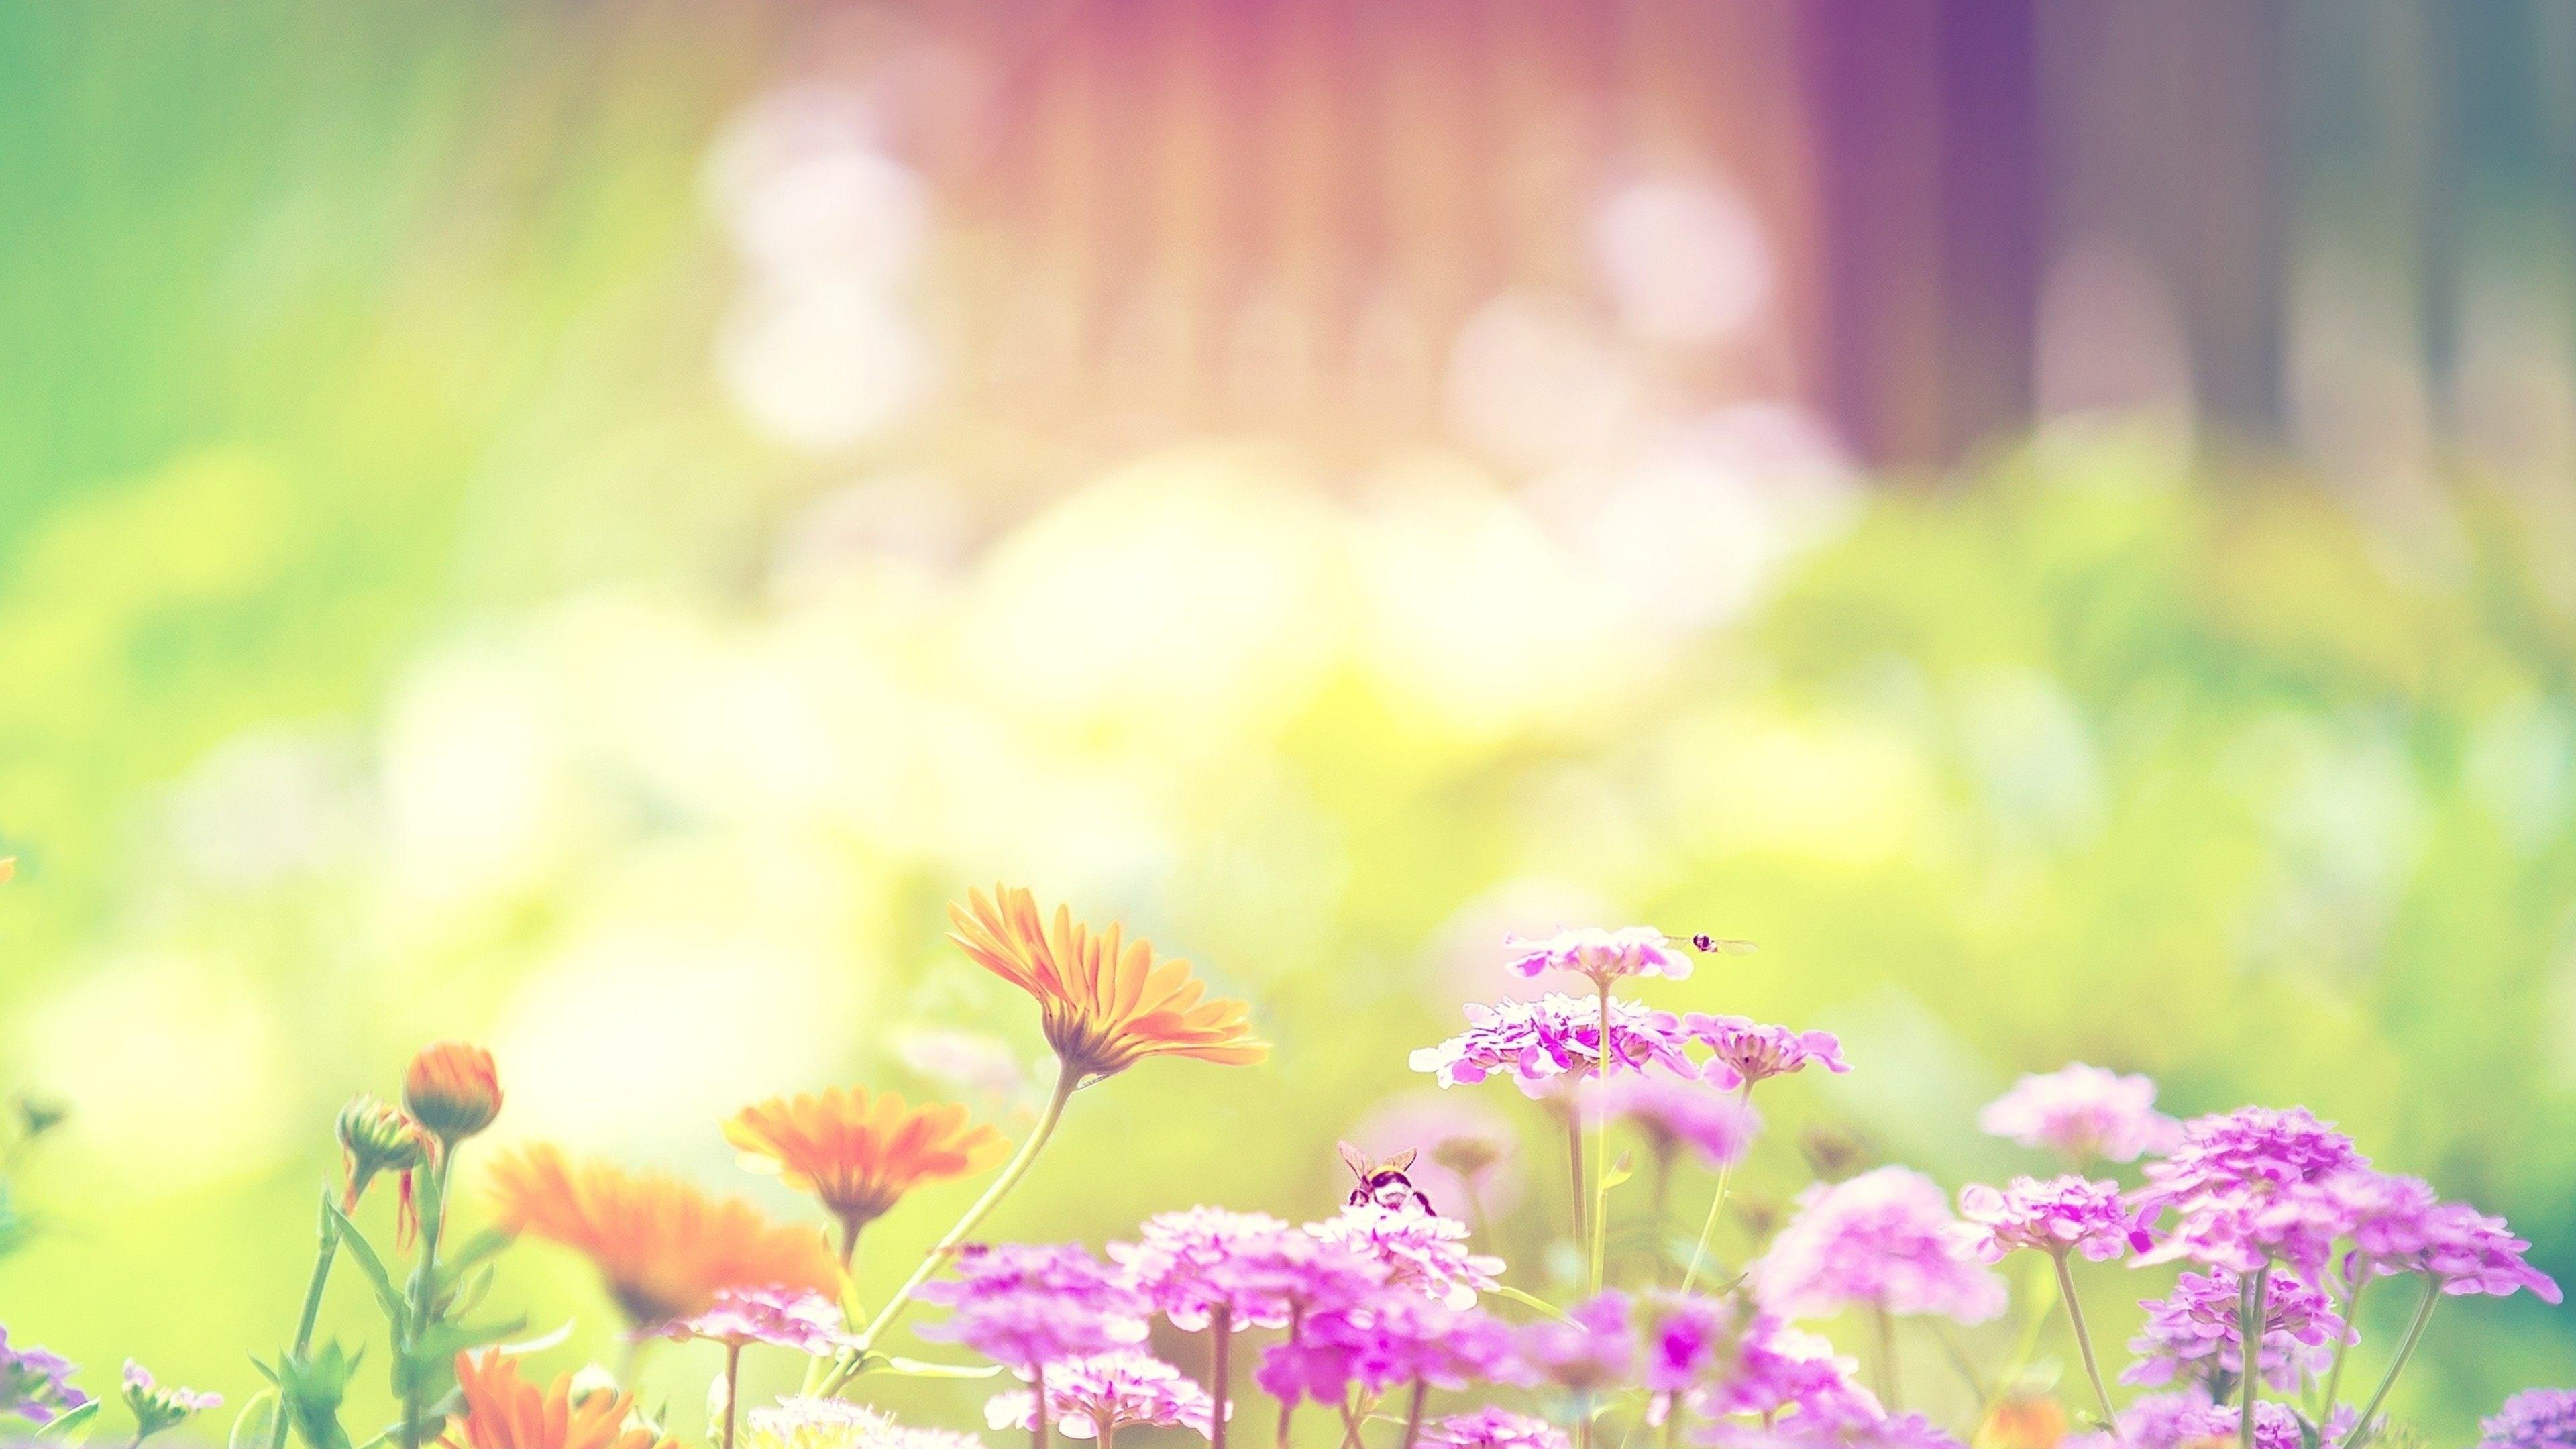 tải ảnh hoa dại đẹp